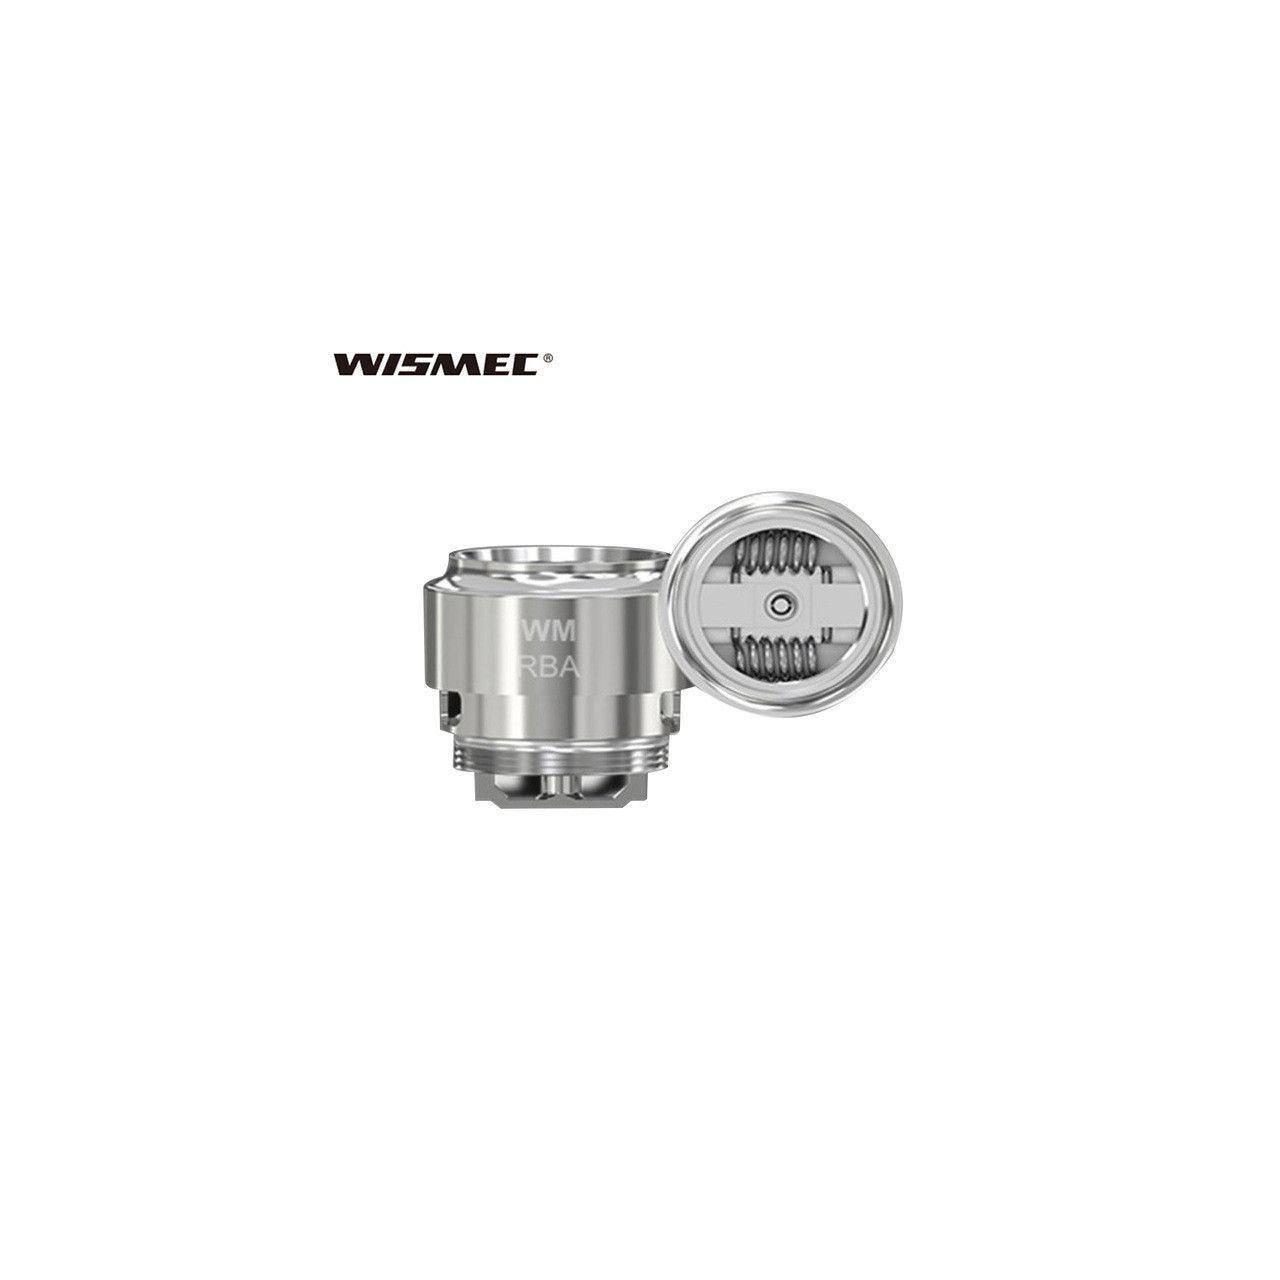 Coil WISMEC WM RBA p/ Atomizador Gnome